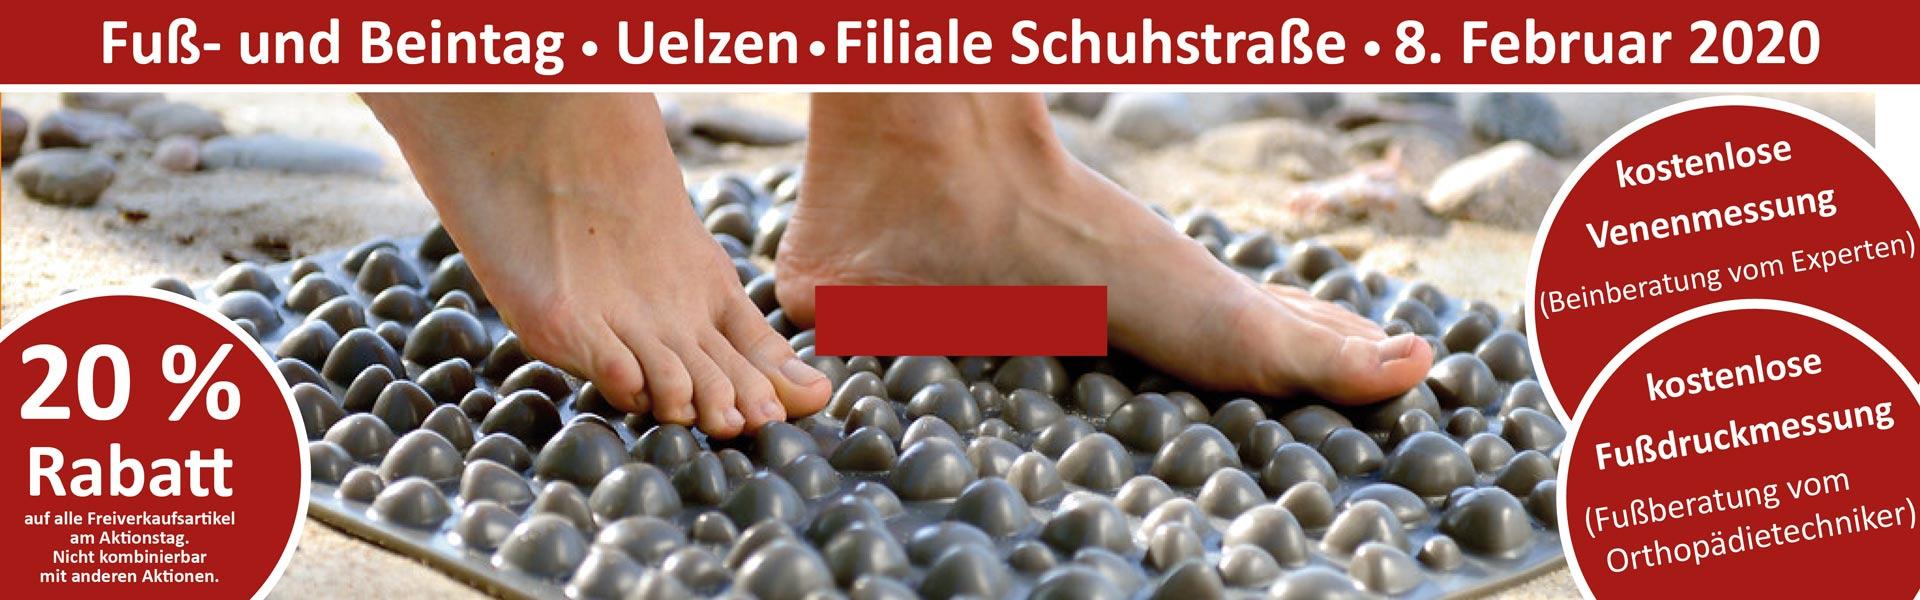 Sanitätshaus Lappe - Fuß- und Beintag Die Schuhmacher Uelzen 8.02.20